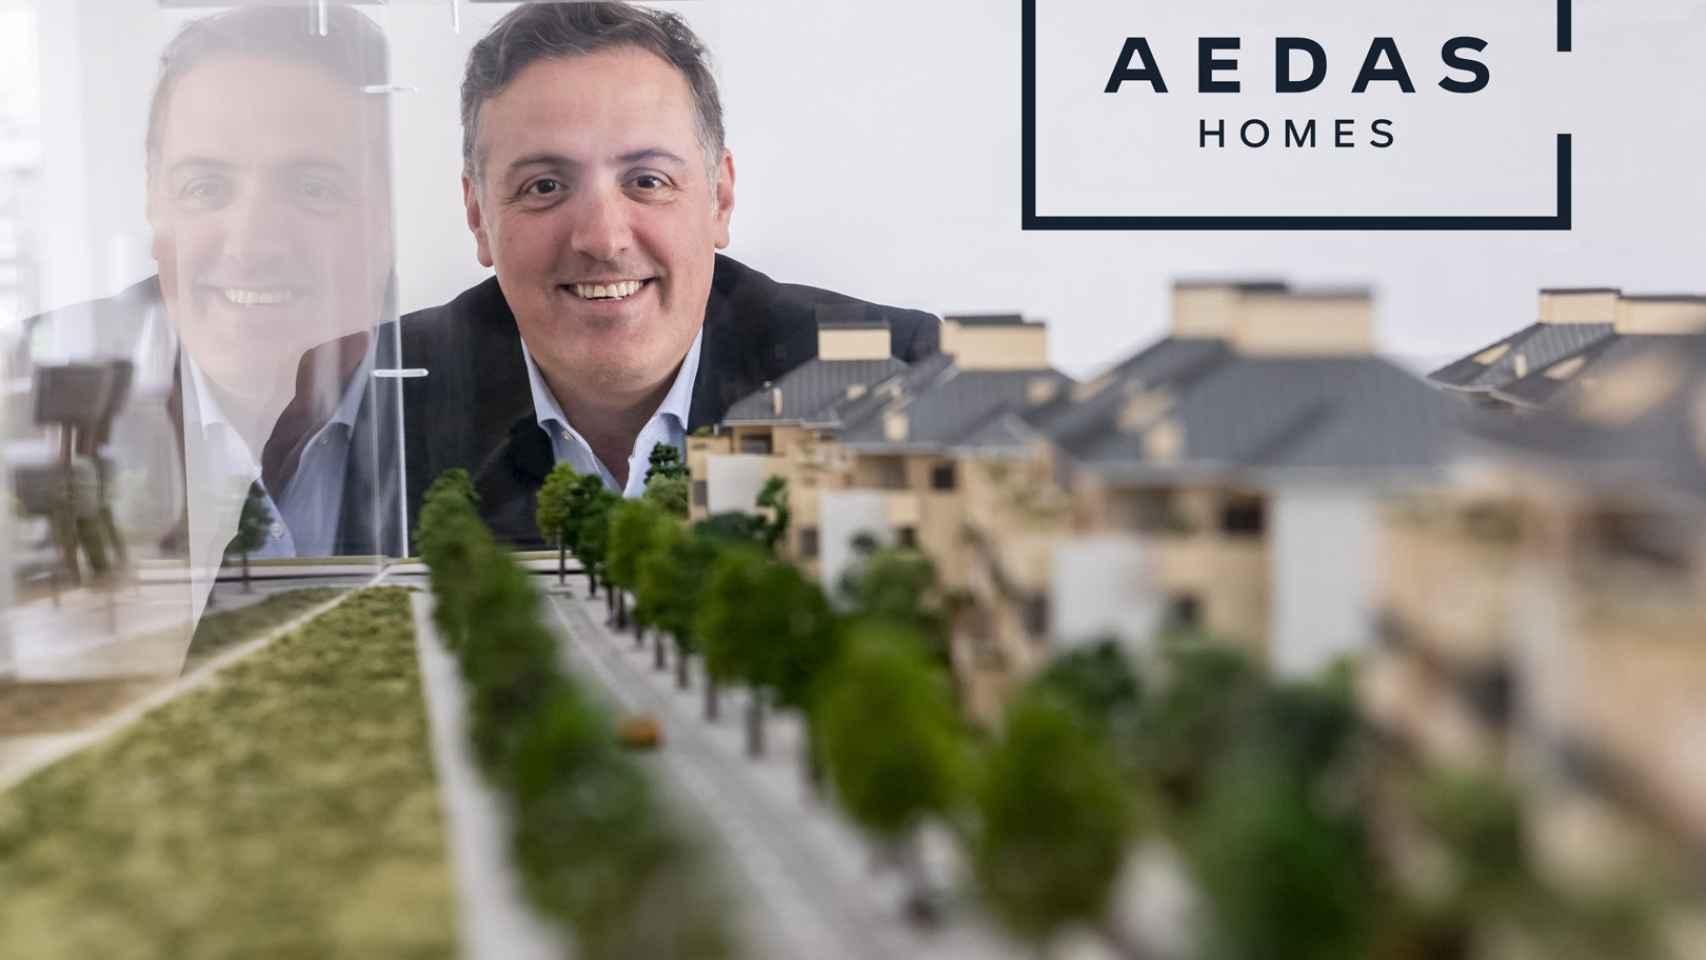 En la imagen, David Martínez, CEO de Aedas Homes.